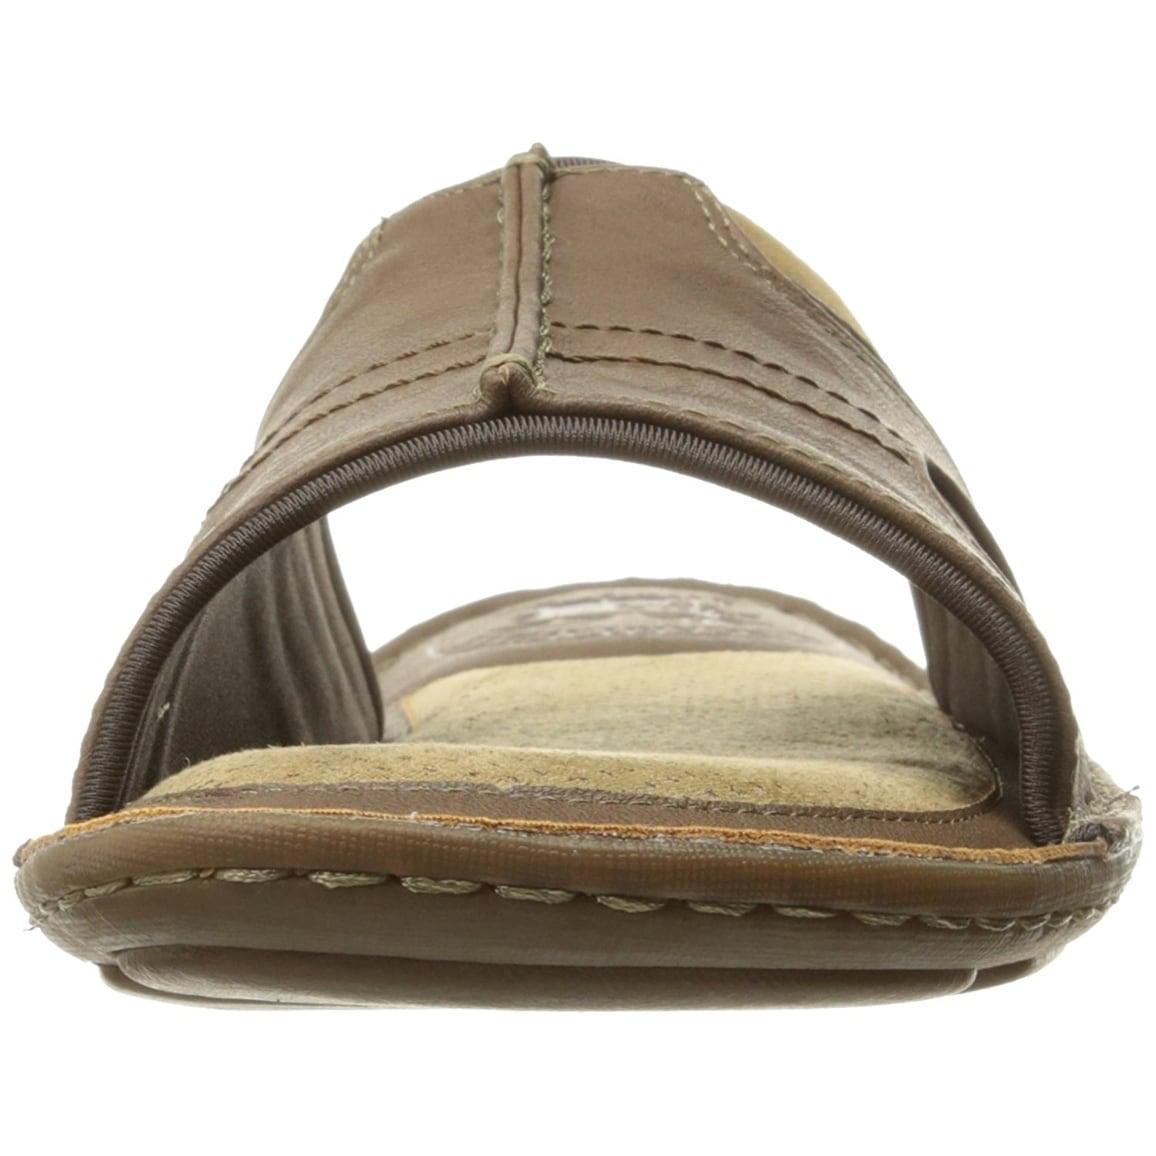 10adbea4edb Shop Margaritaville Men s ST Martin Slide Sandal - Free Shipping Today -  Overstock - 21248794